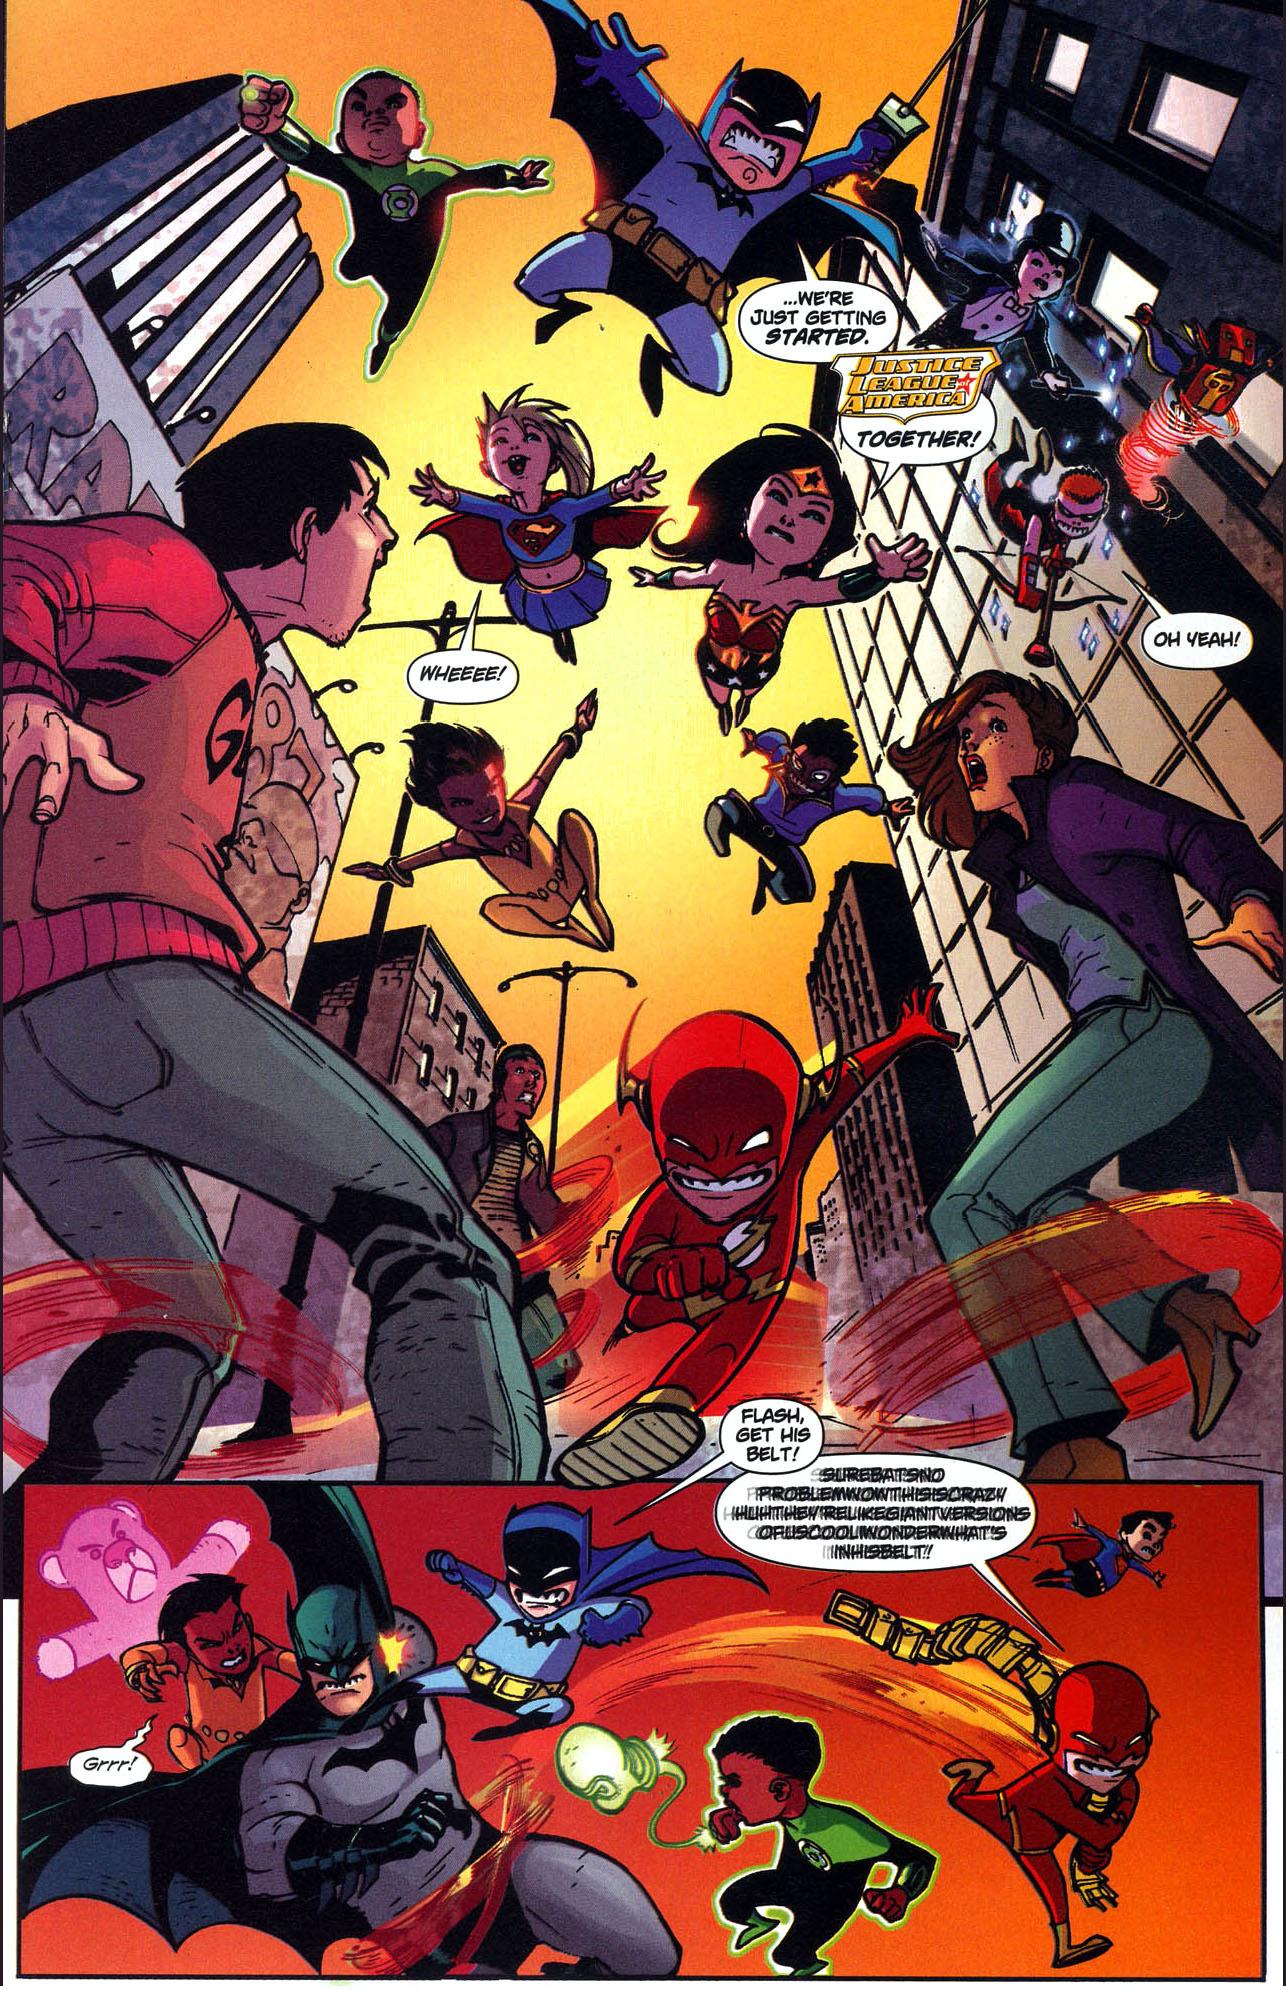 superman and batman vs mini justice league 2